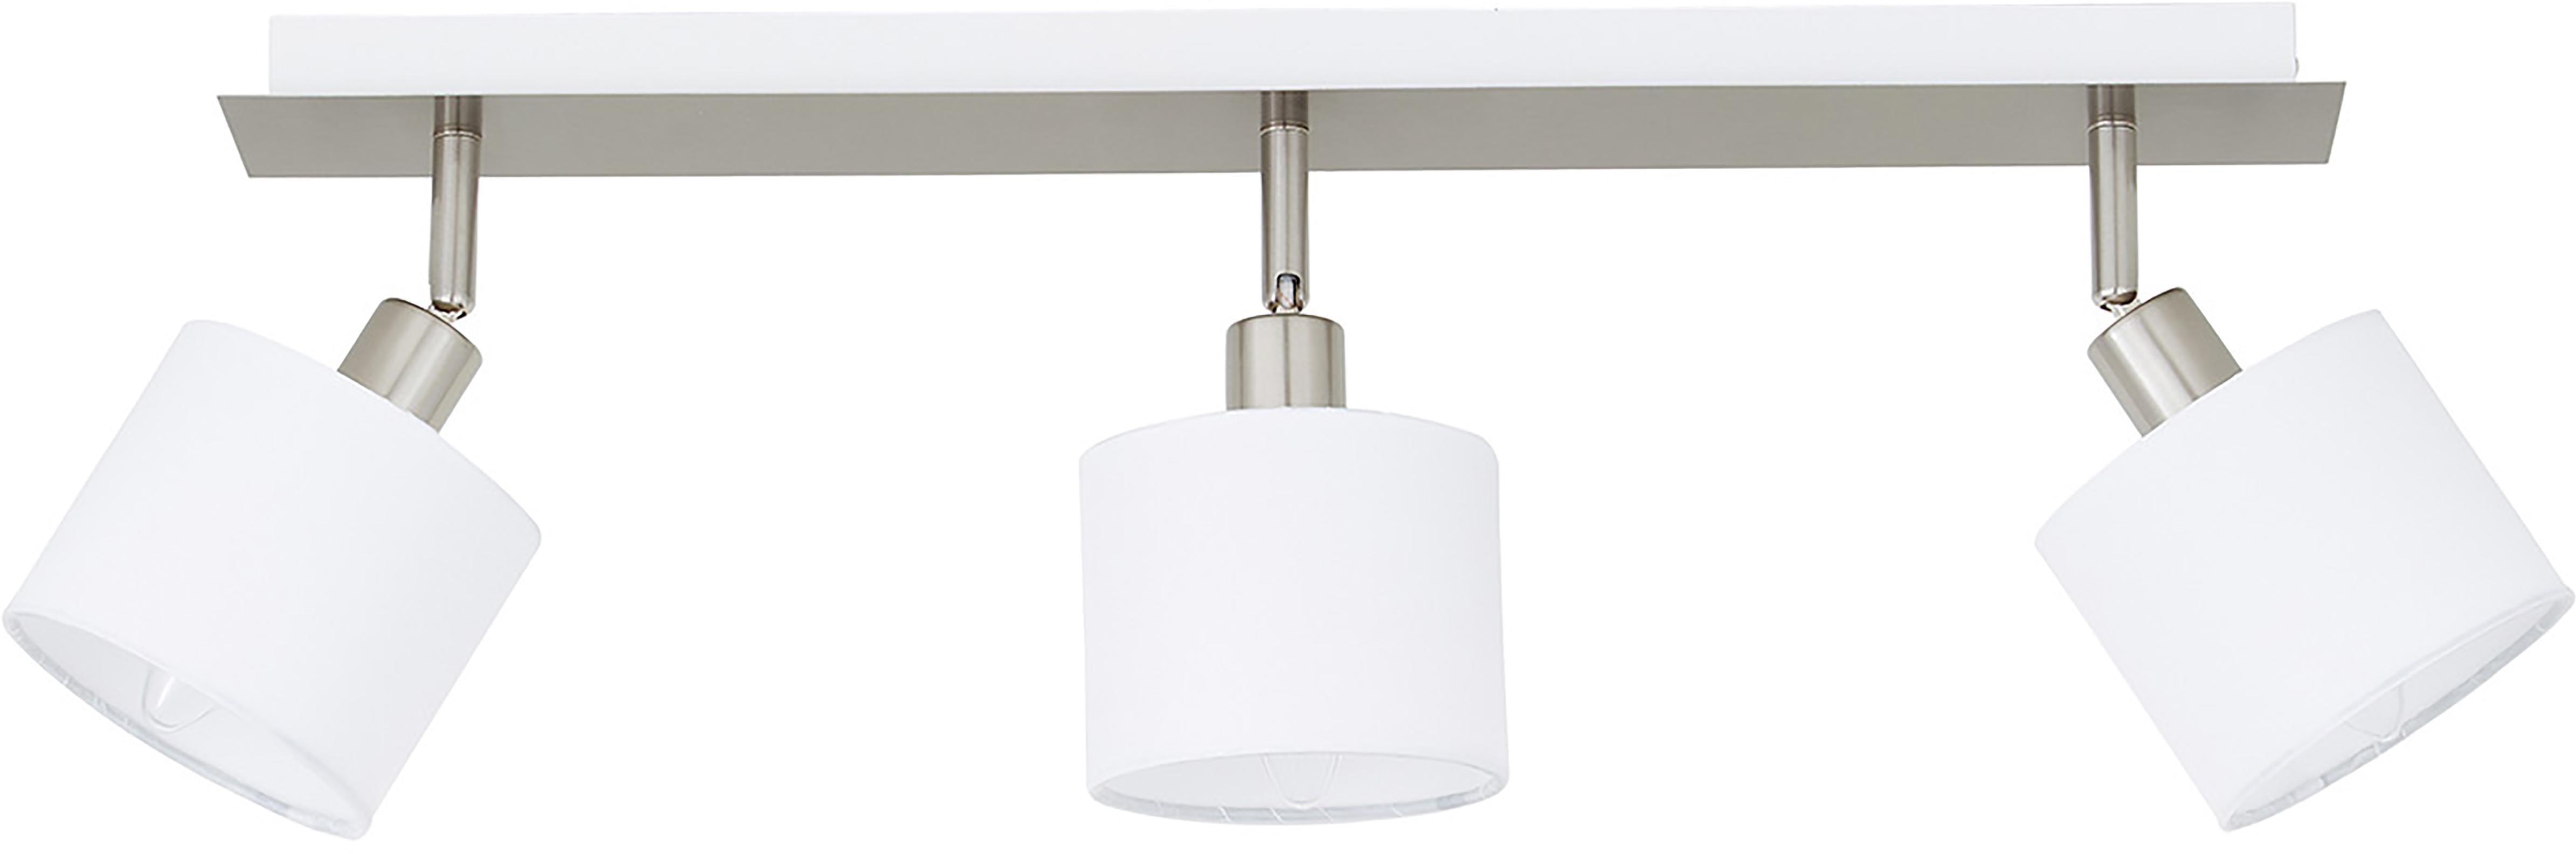 Plafondlamp Casper, Baldakijn: vernikkeld metaal, Zilverkleurig, wit, 56 x 7 cm